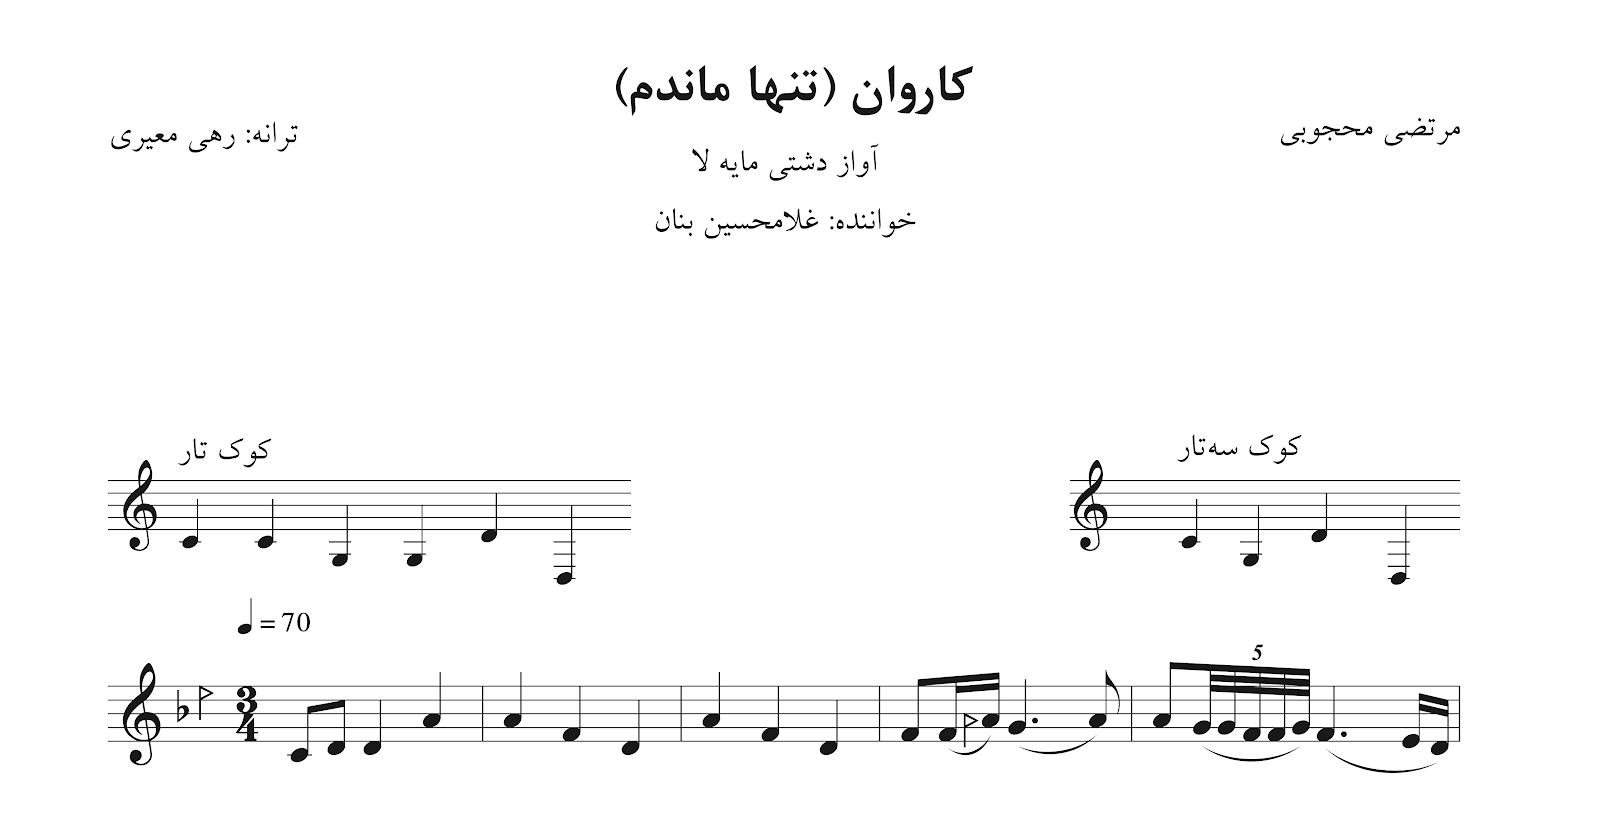 نت کاروان (تنها ماندم) مرتضی محجوبی غلامحسین بنان رهی معیری آواز دشتی